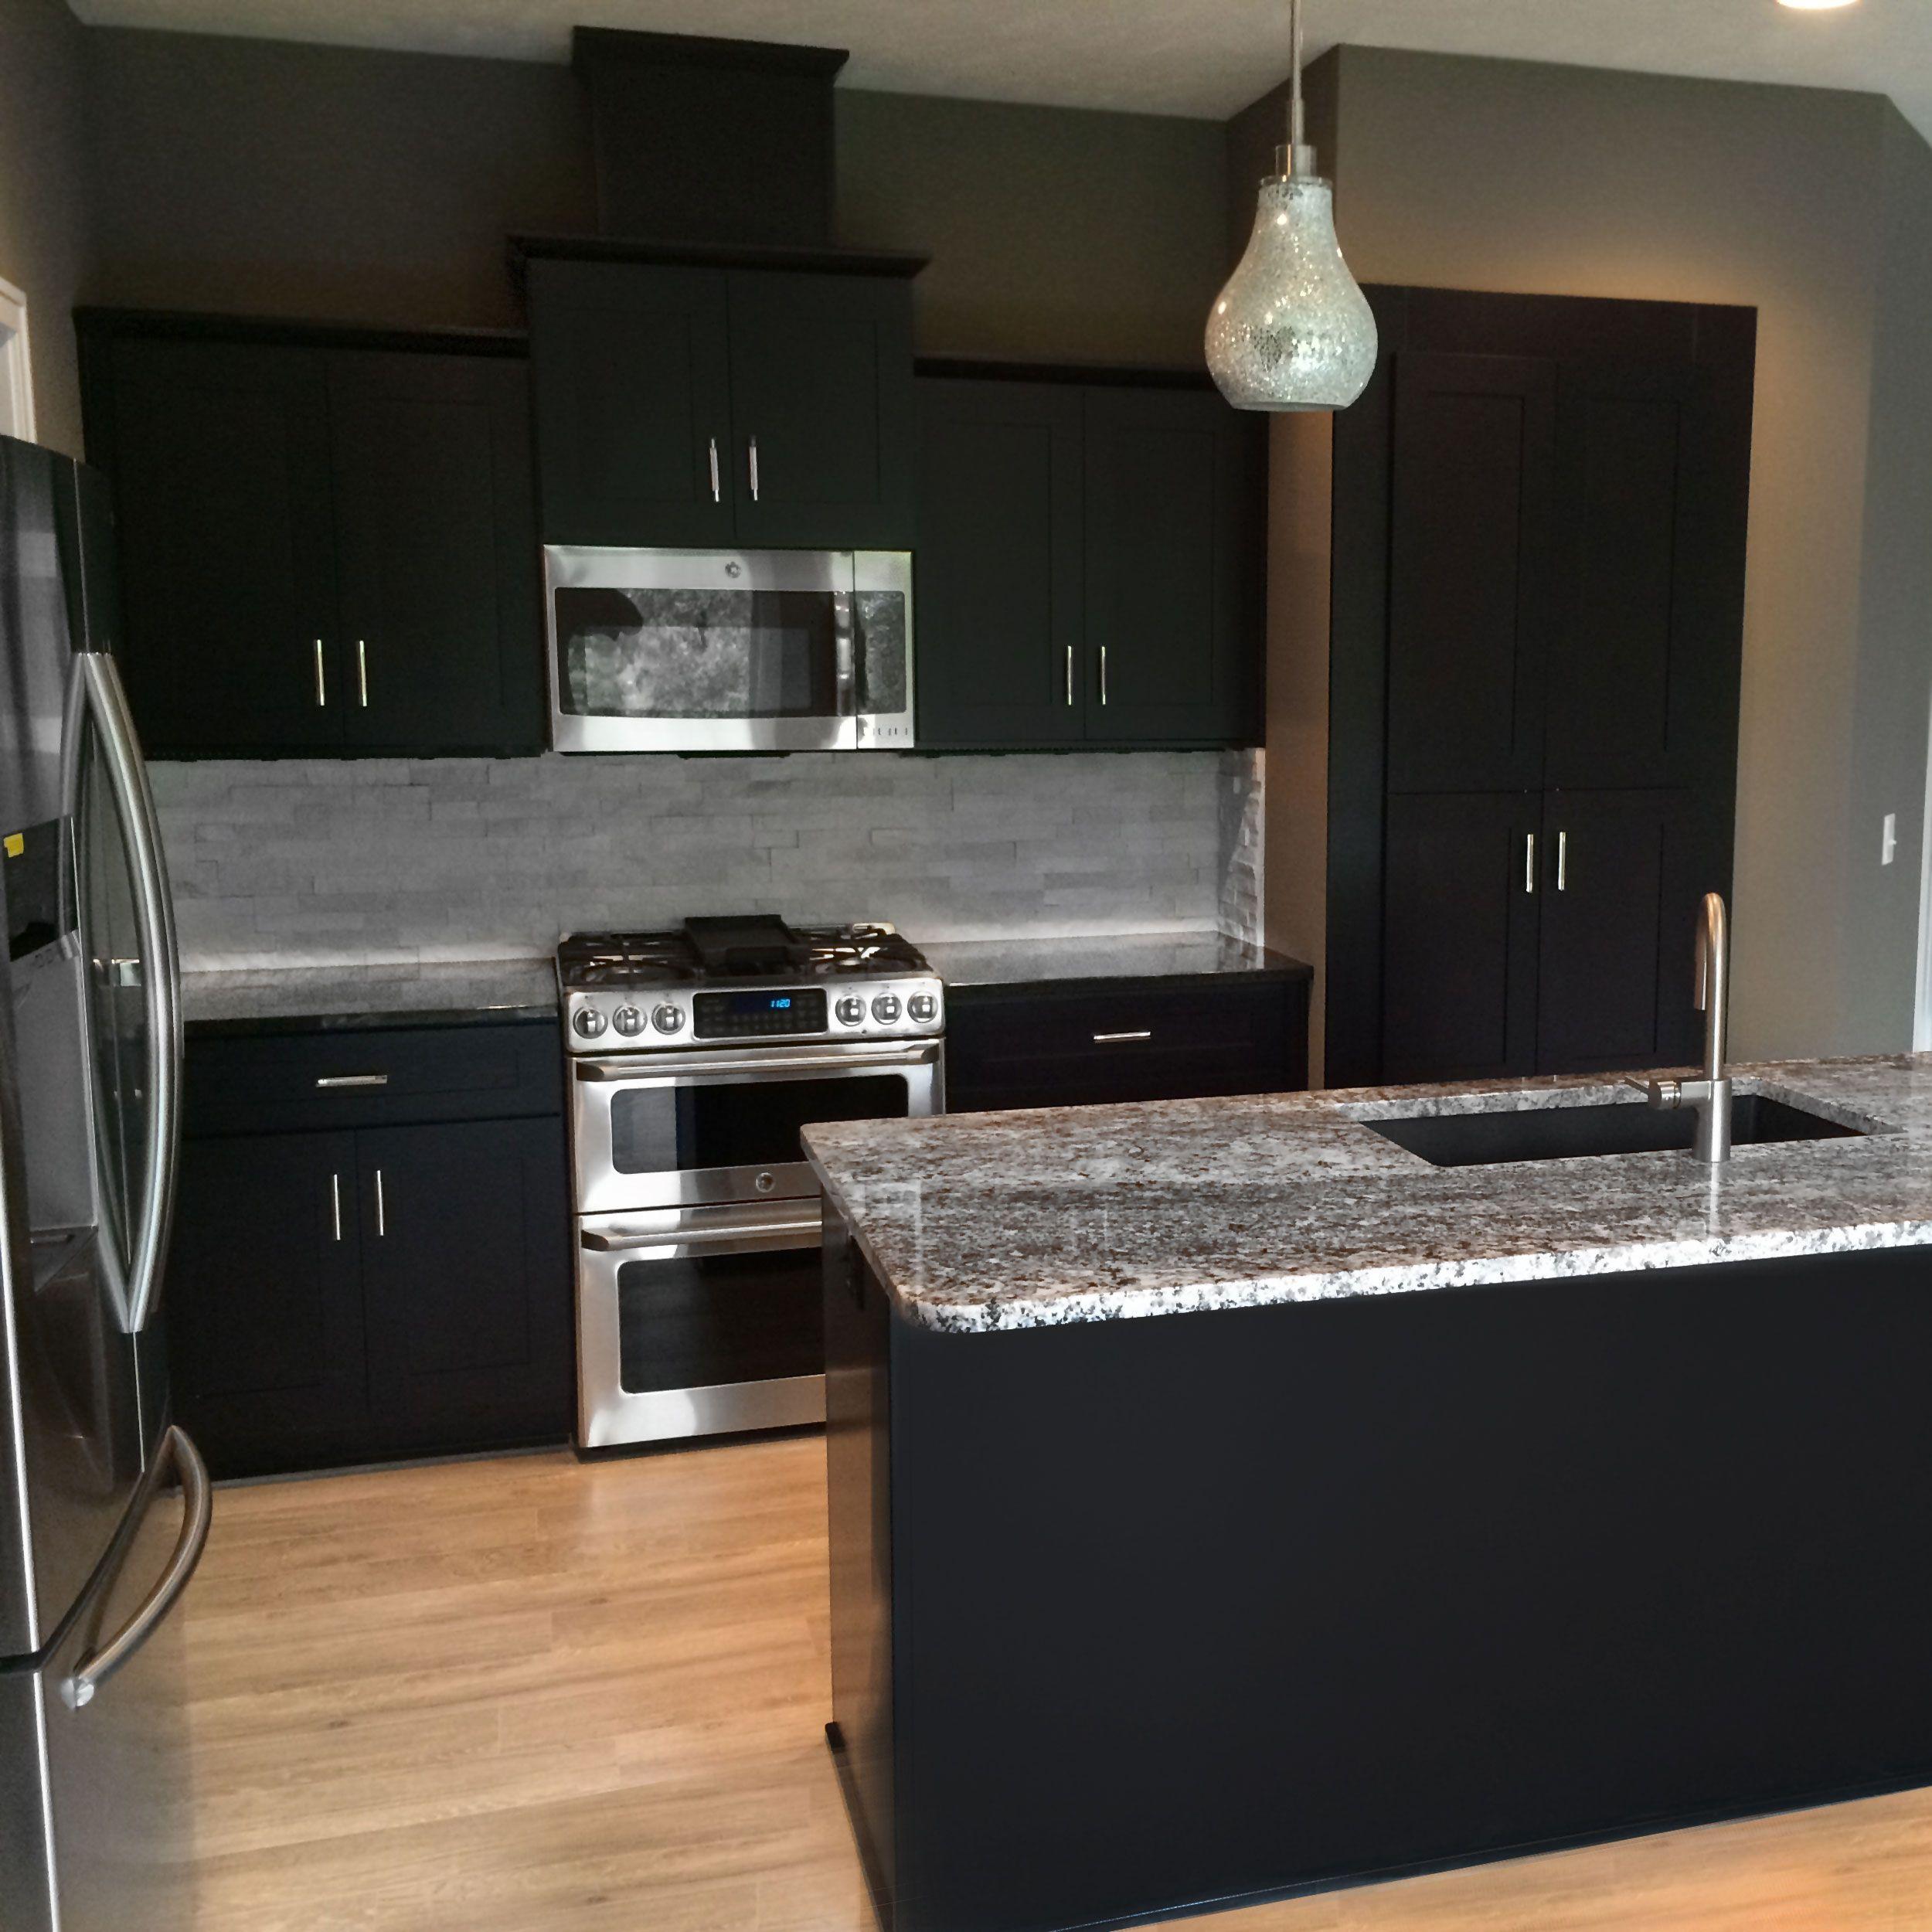 Espresso Colored Kitchen Cabinets: 12x13 Island Kitchen Cabinets Bundle In Shaker Espresso